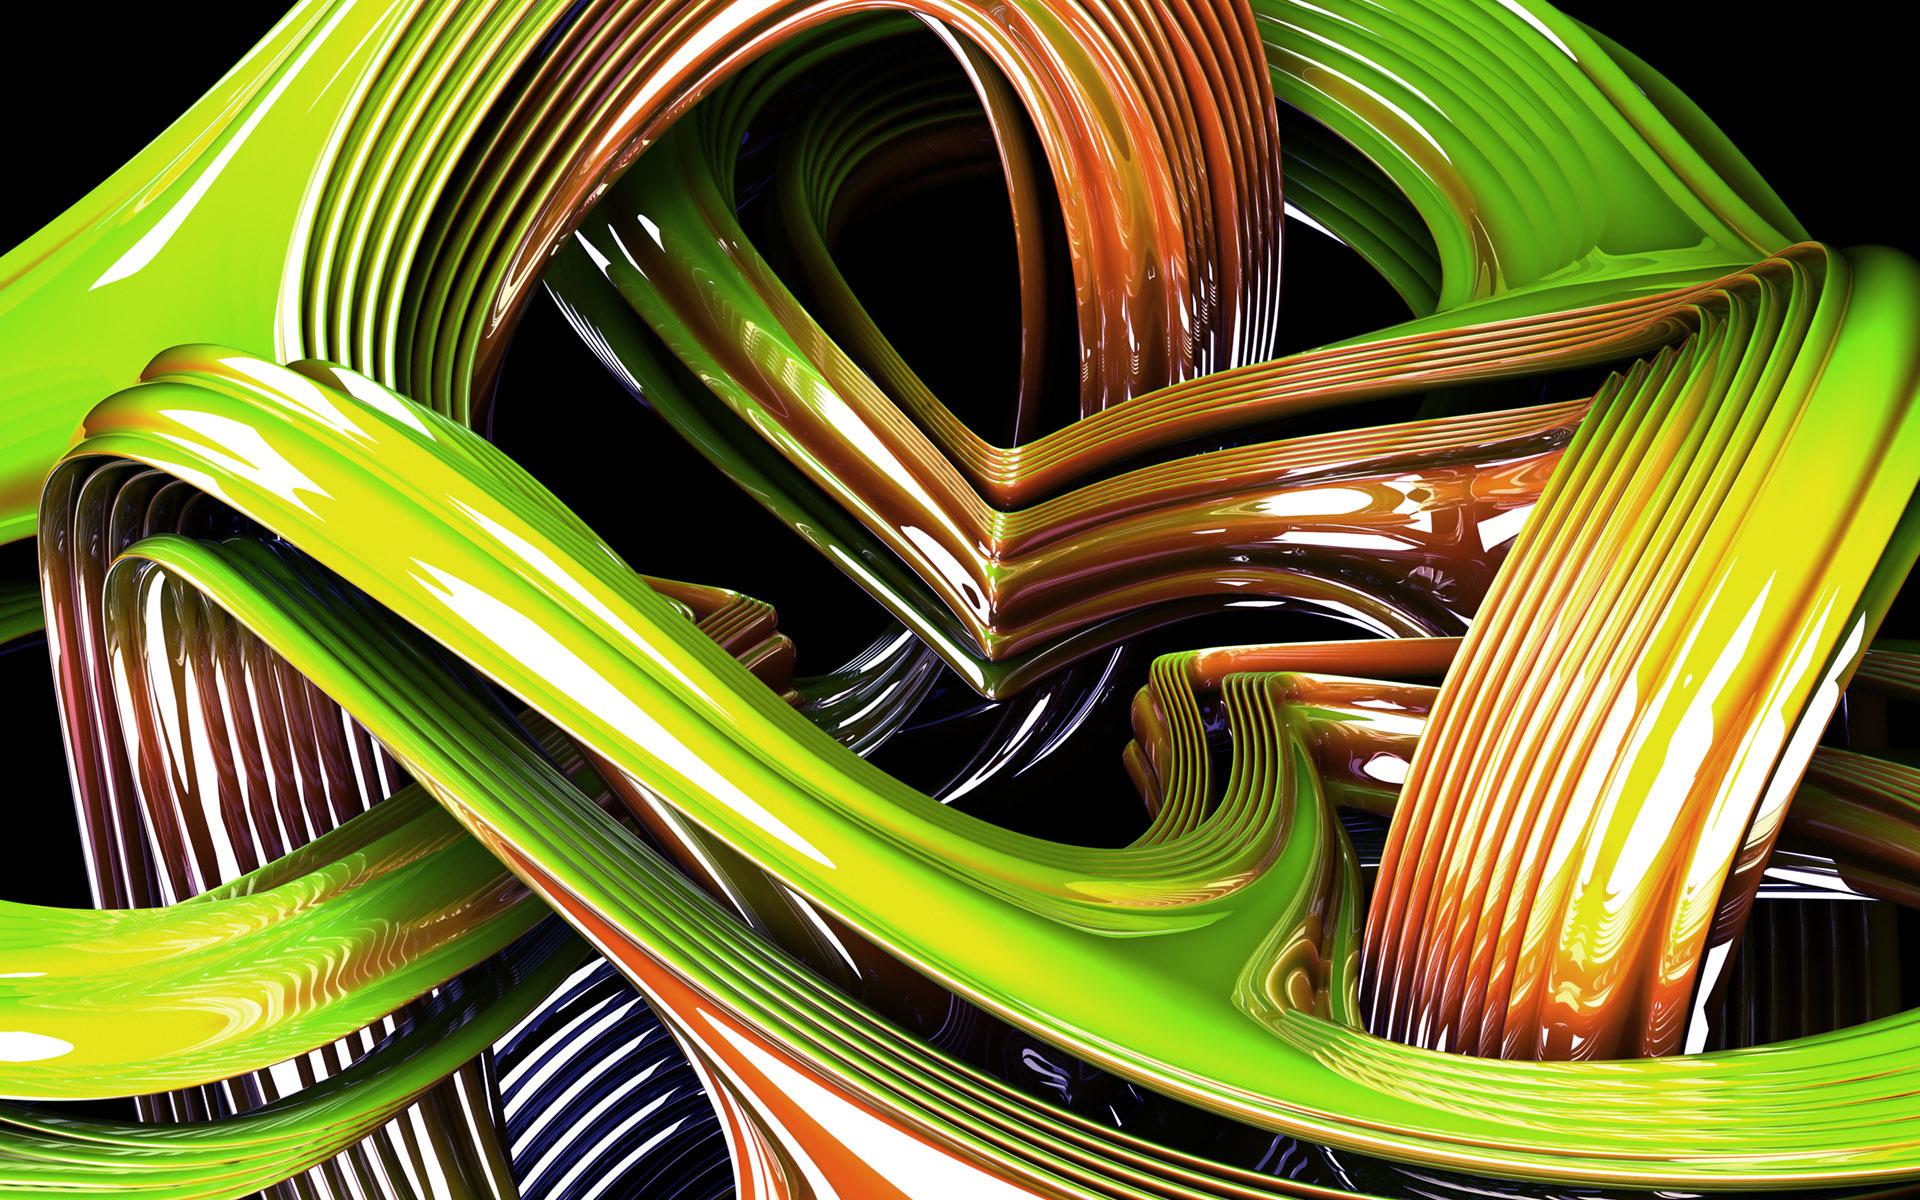 Abstract 3D Wallpaper 38   3D Photography Desktop Wallpapers 28085 1920x1200